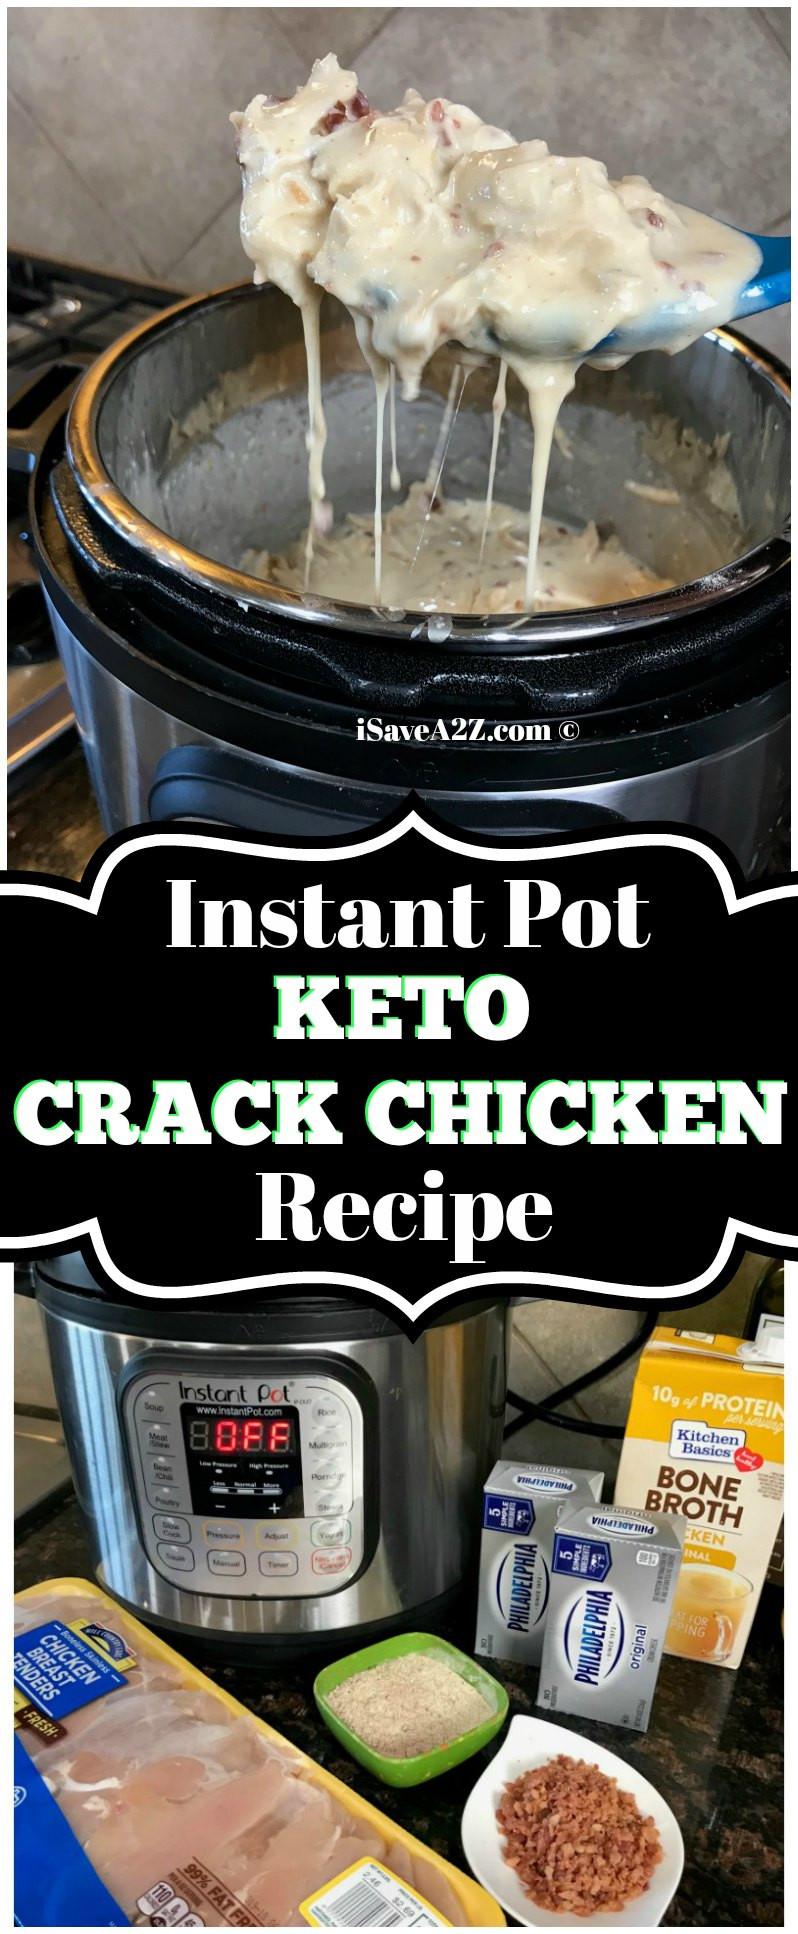 Keto Instant Pot Chicken Recipes  Instant Pot Keto Crack Chicken Recipe iSaveA2Z